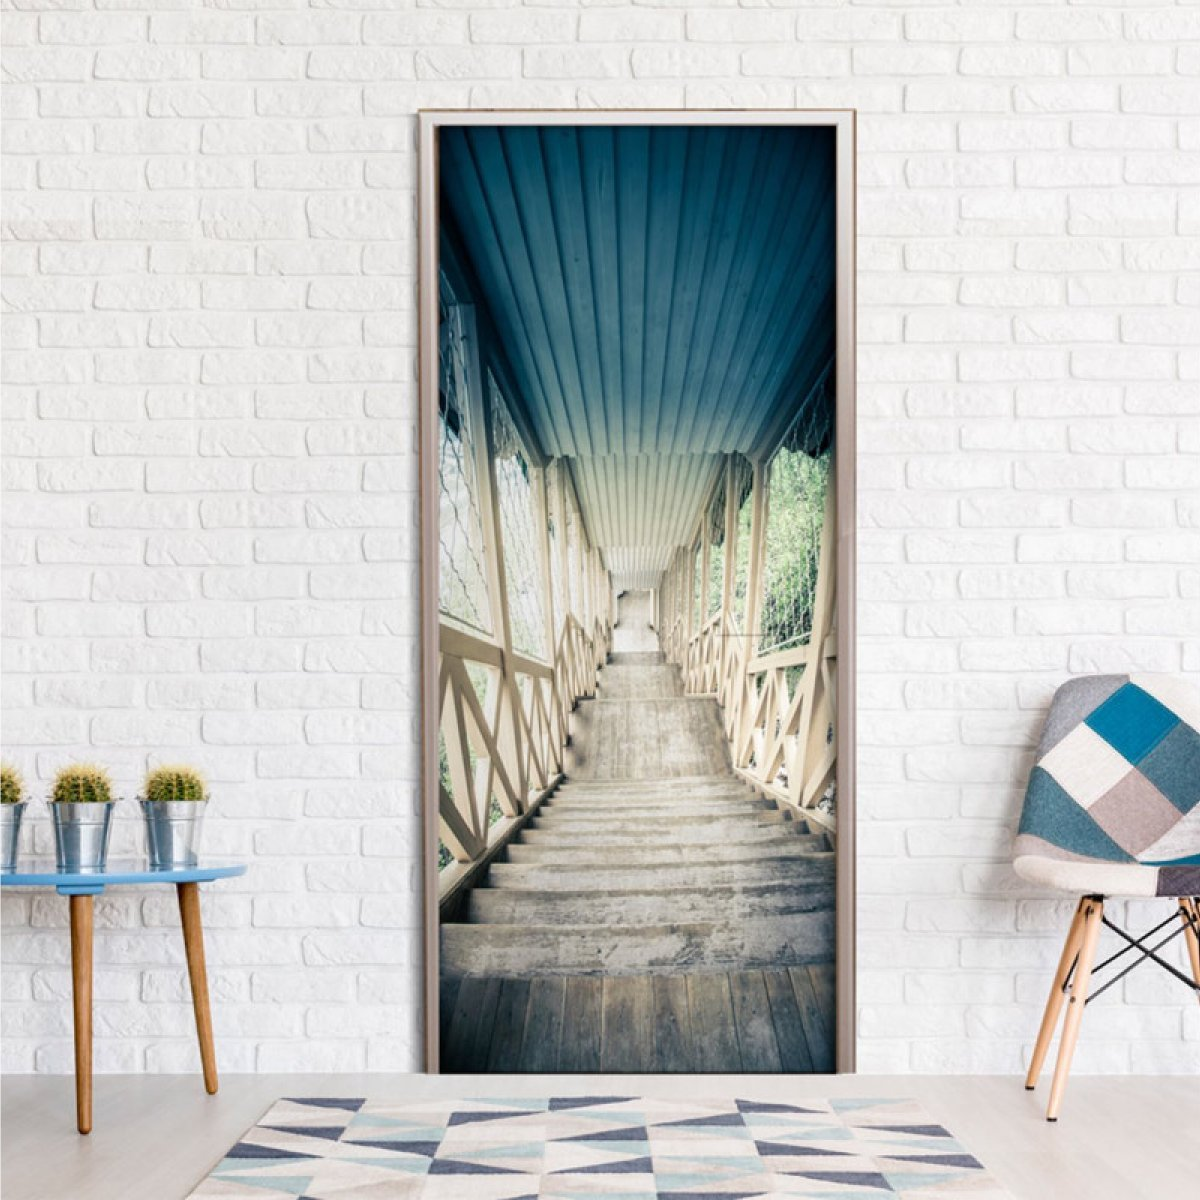 Φωτοταπετσαρίες για πόρτες | Mymegamarket.gr